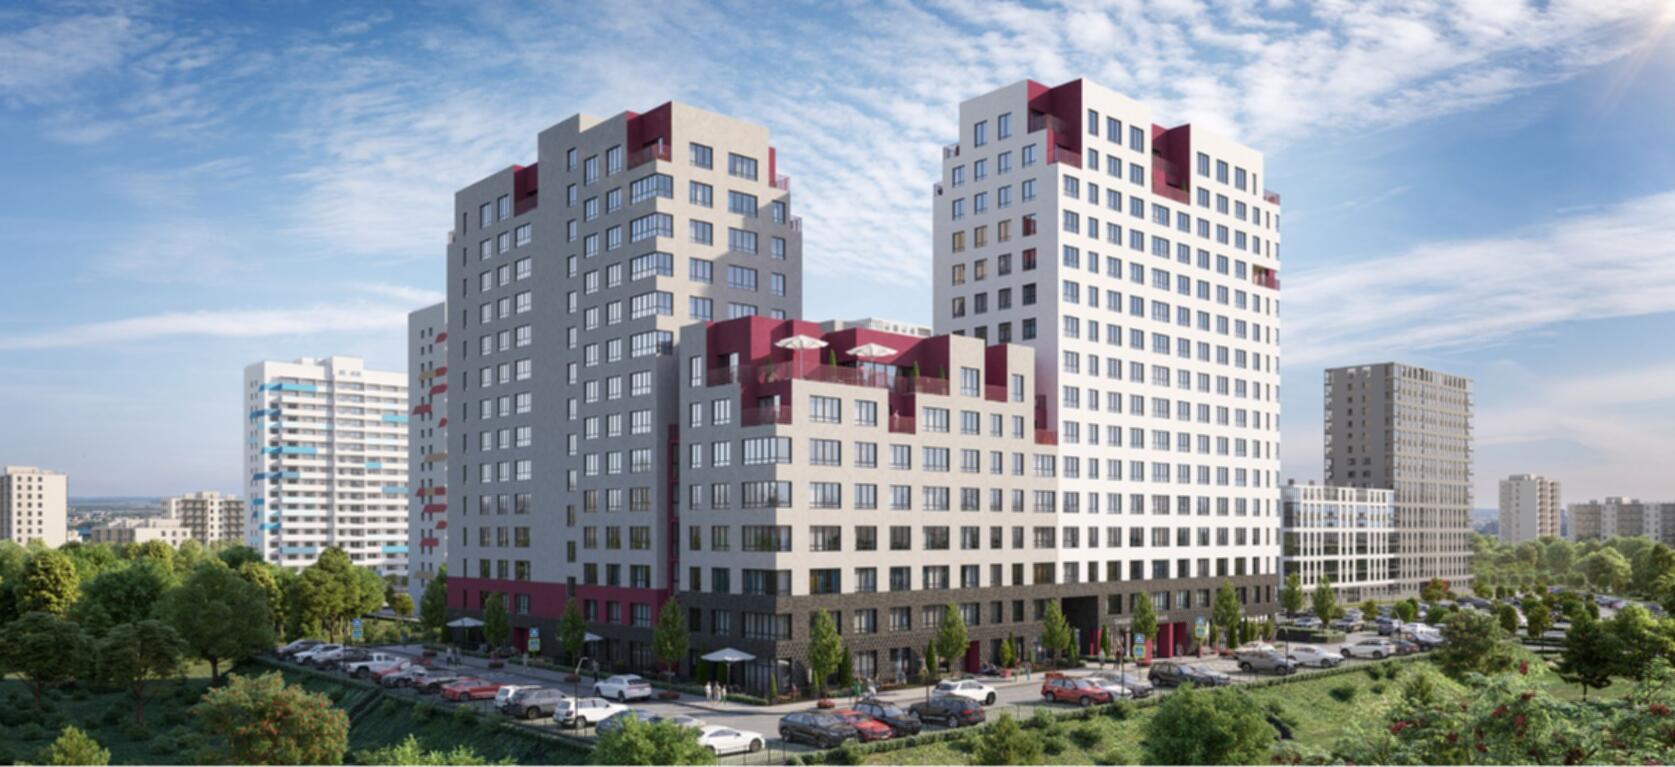 Однокомнатные квартиры с кухней-гостиной от 3 300 000 рублей